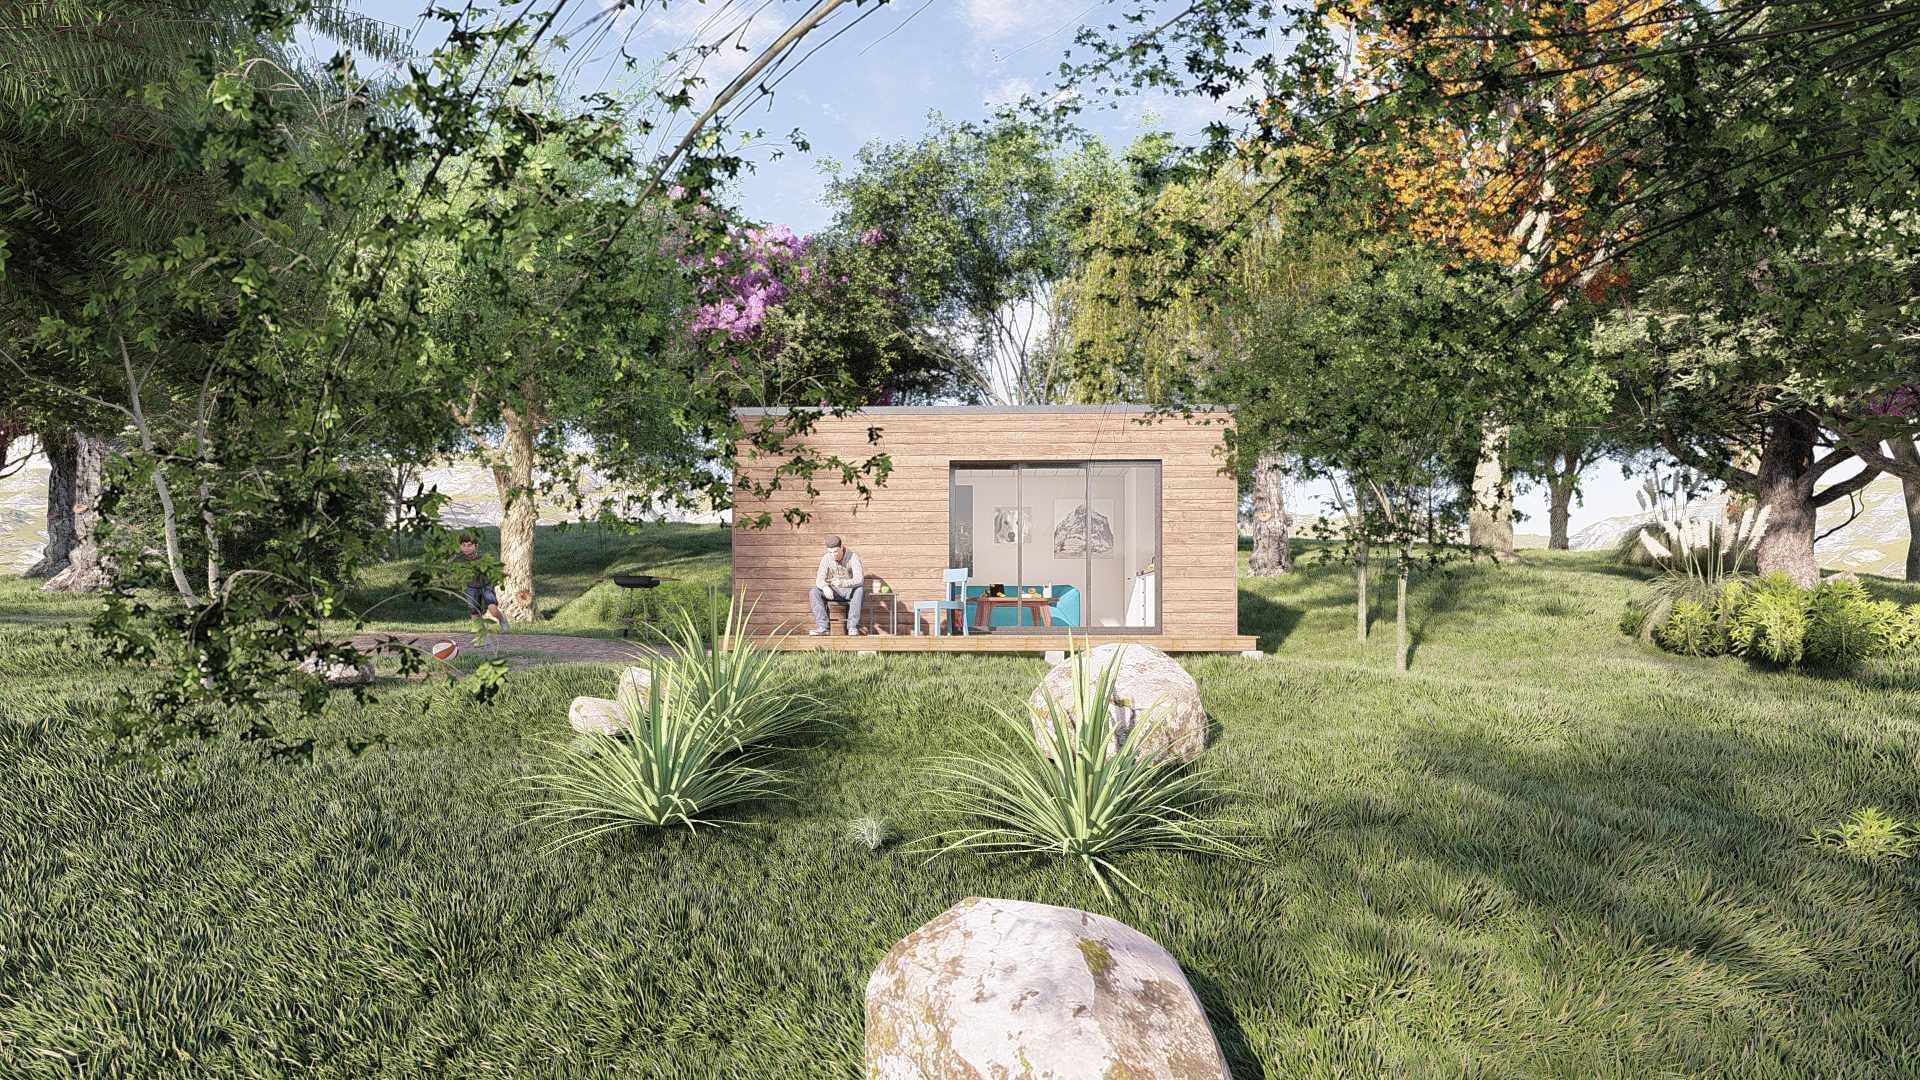 Aménager Un Petit Jardin De 20M2 woodyloft : studio de jardin en bois à partir de 20m2